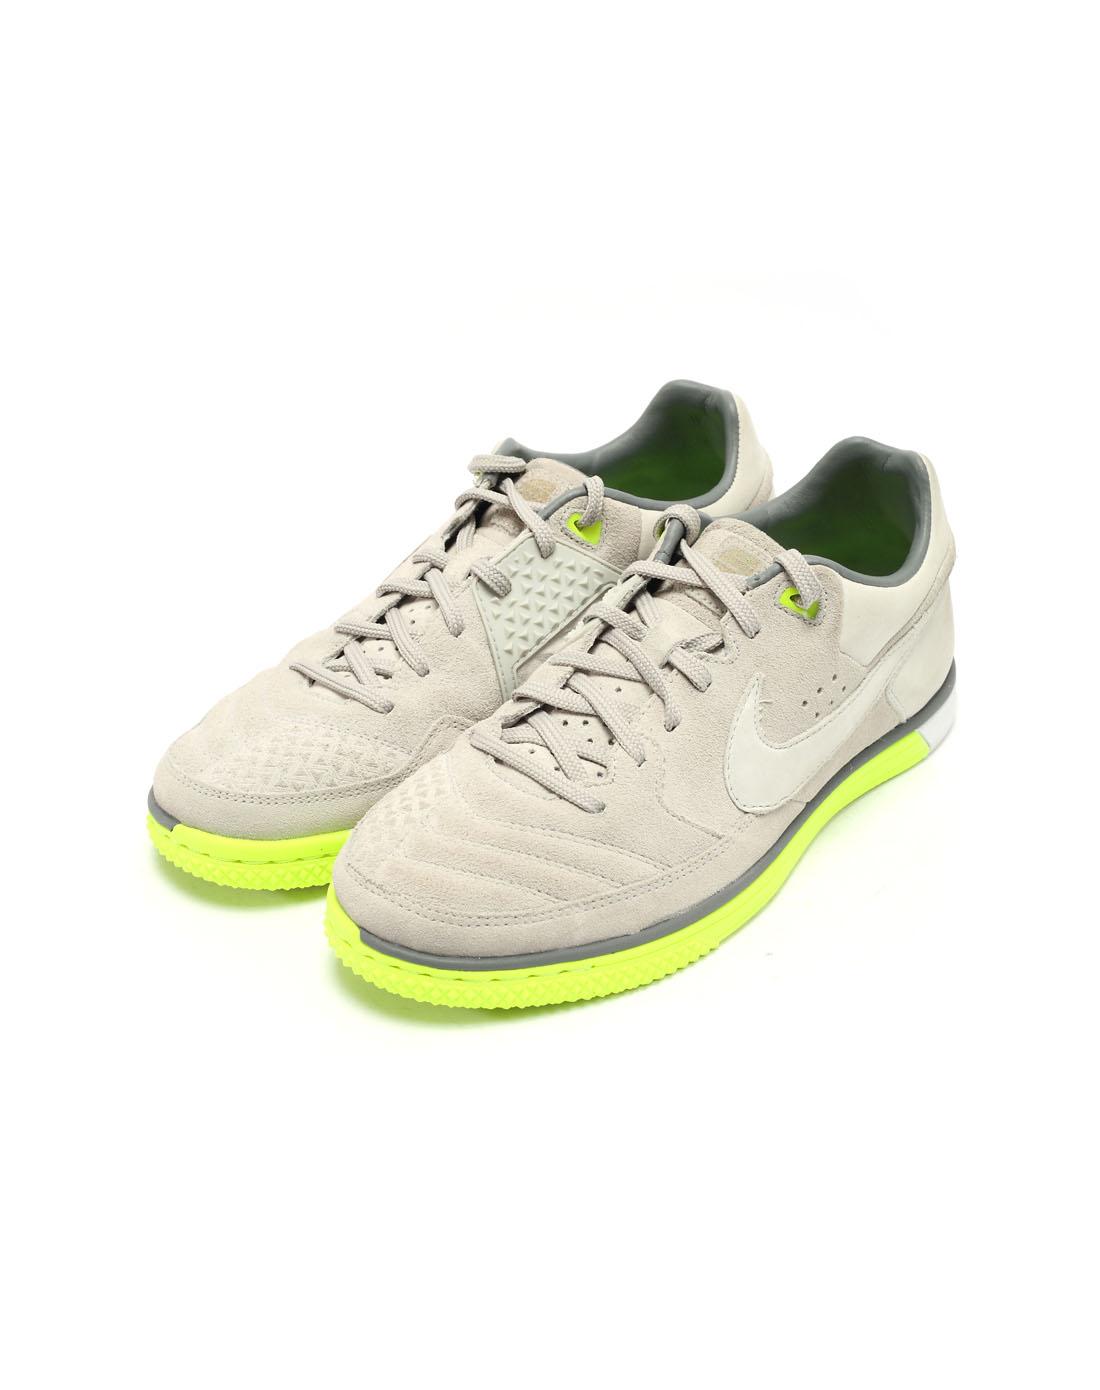 耐克nike男子灰色足球鞋442125-007